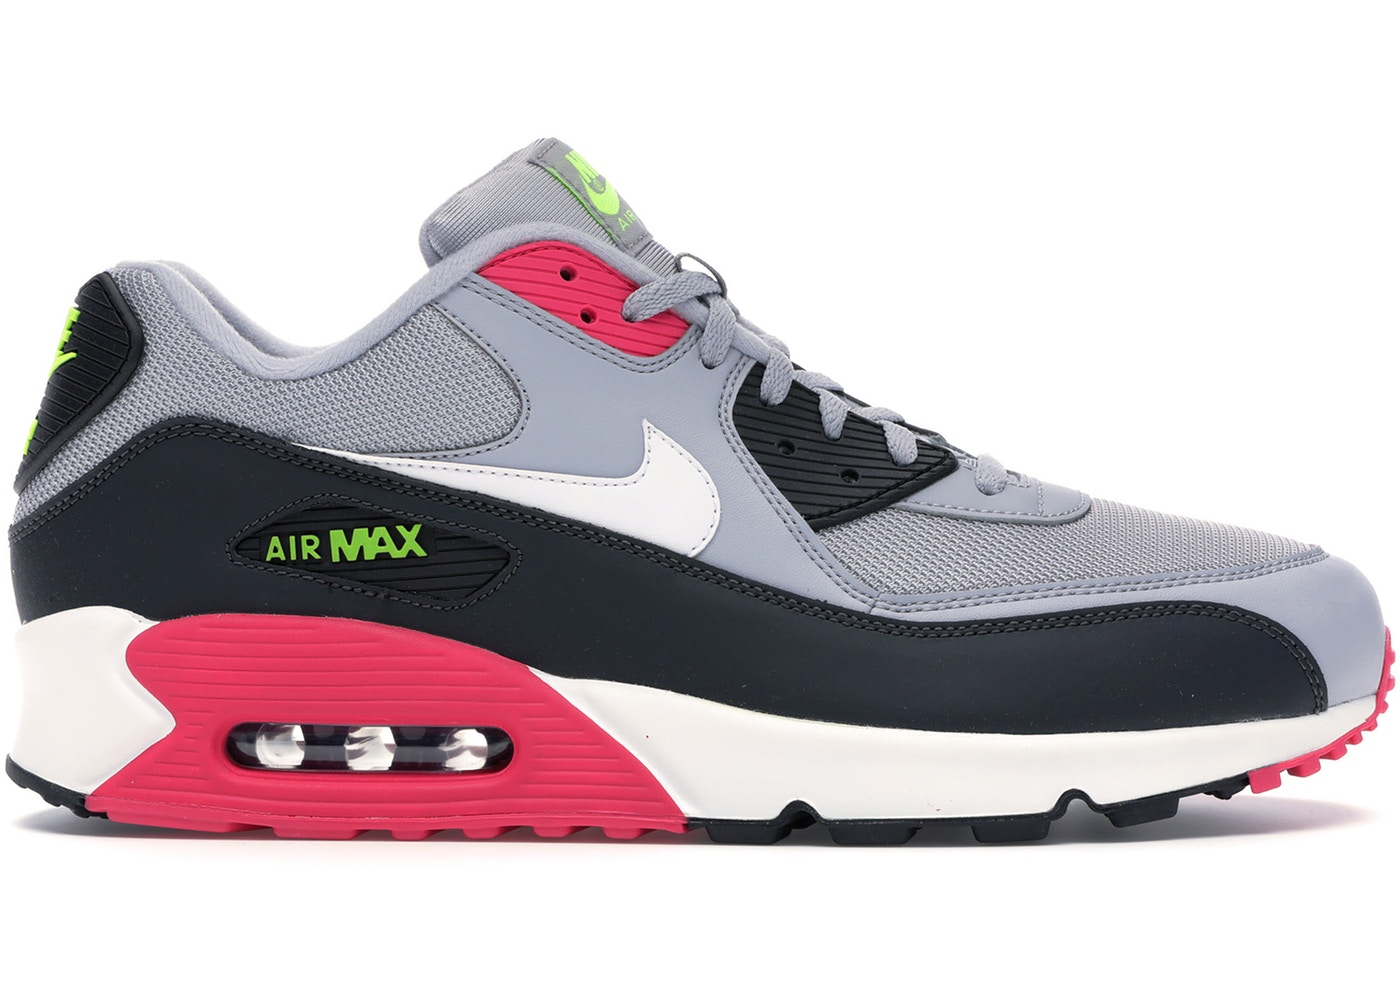 ナイキ メンズ Nike Air Max 90 スニーカー WOLF GREY/RUSH PINK-VOLT-WHITE エアマックス90